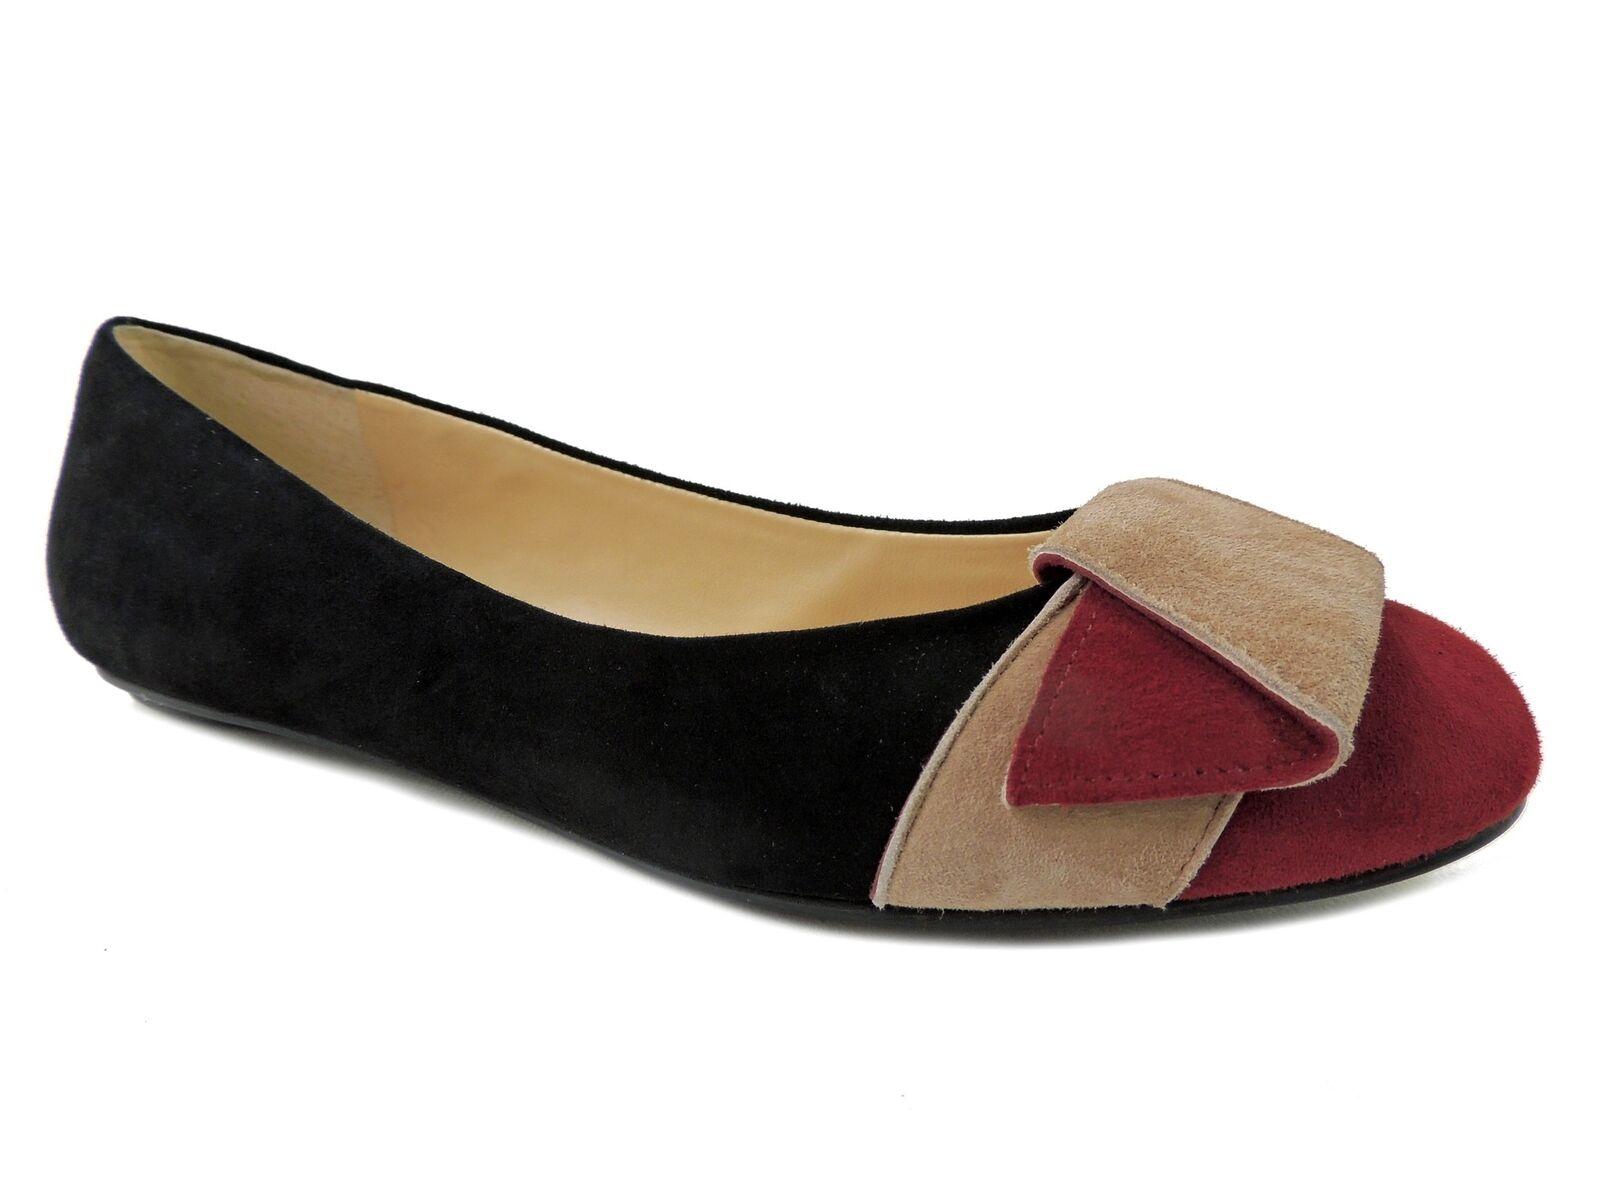 forma unica Ivanka Trump Donna Cece Cece Cece Flats nero Multi Suede Dimensione 6.5 M  prima qualità ai consumatori